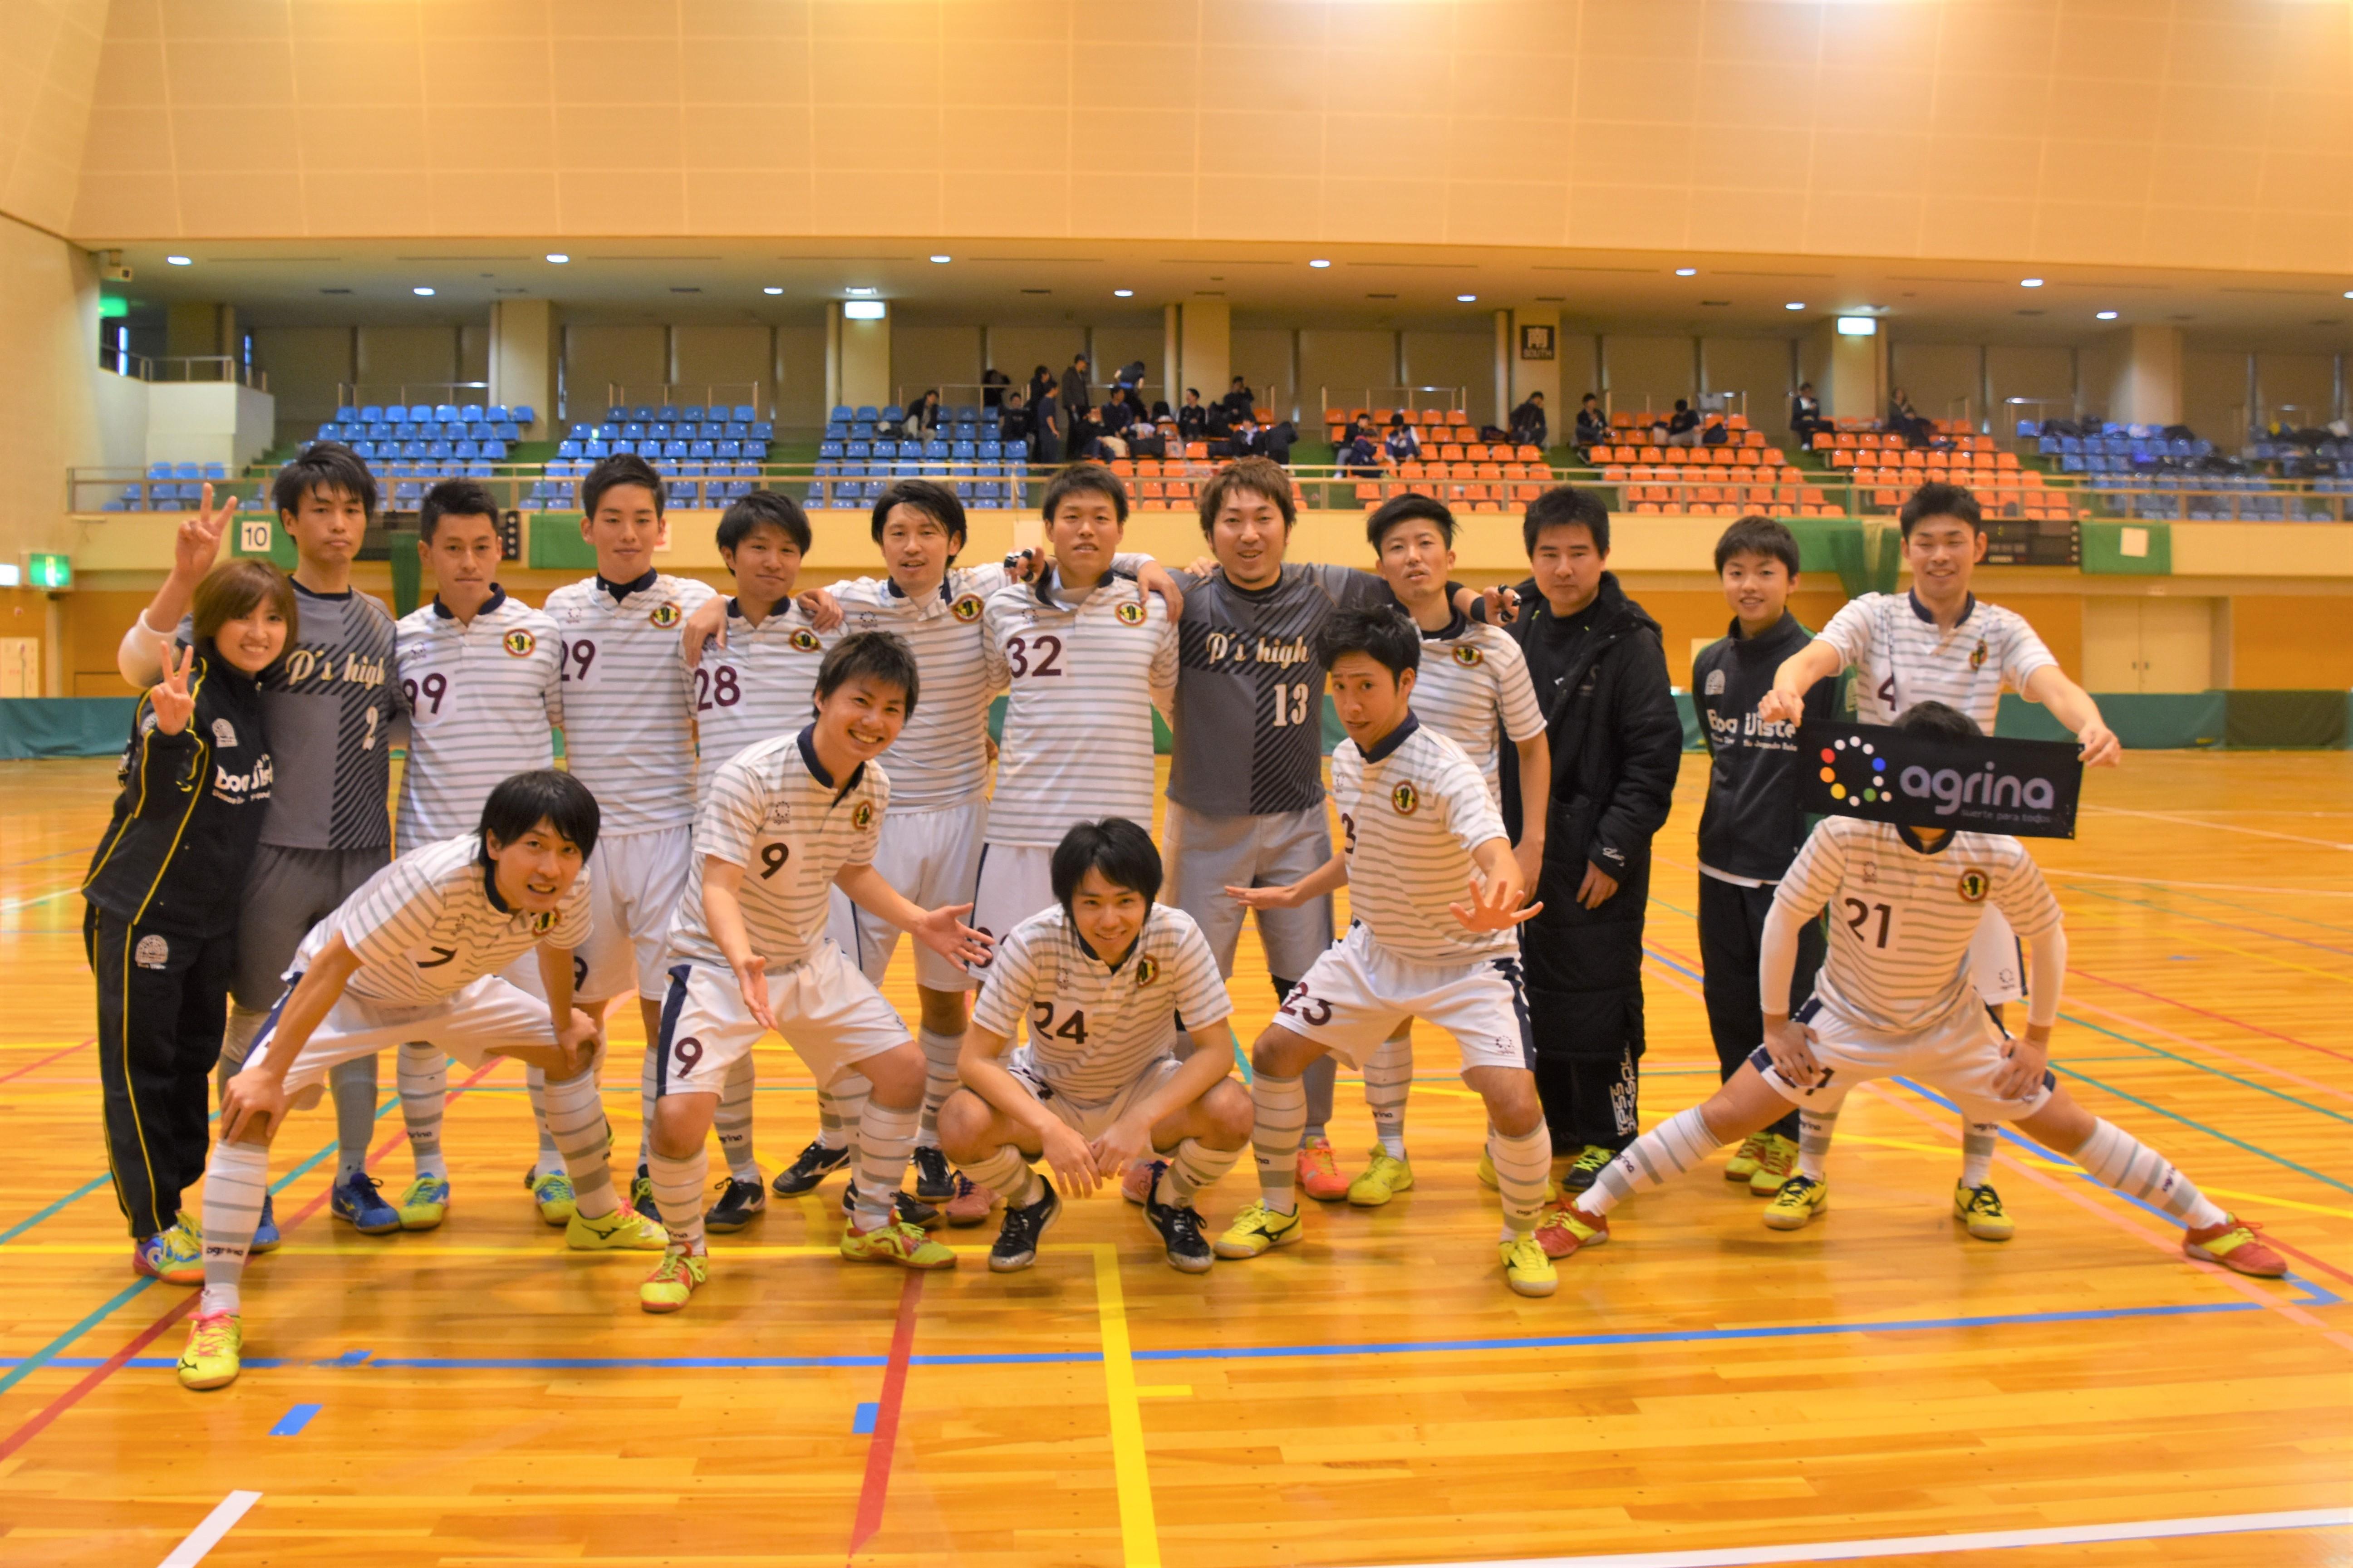 来年度から愛知県1部で活動するP's highが2017年度新メンバー募集!